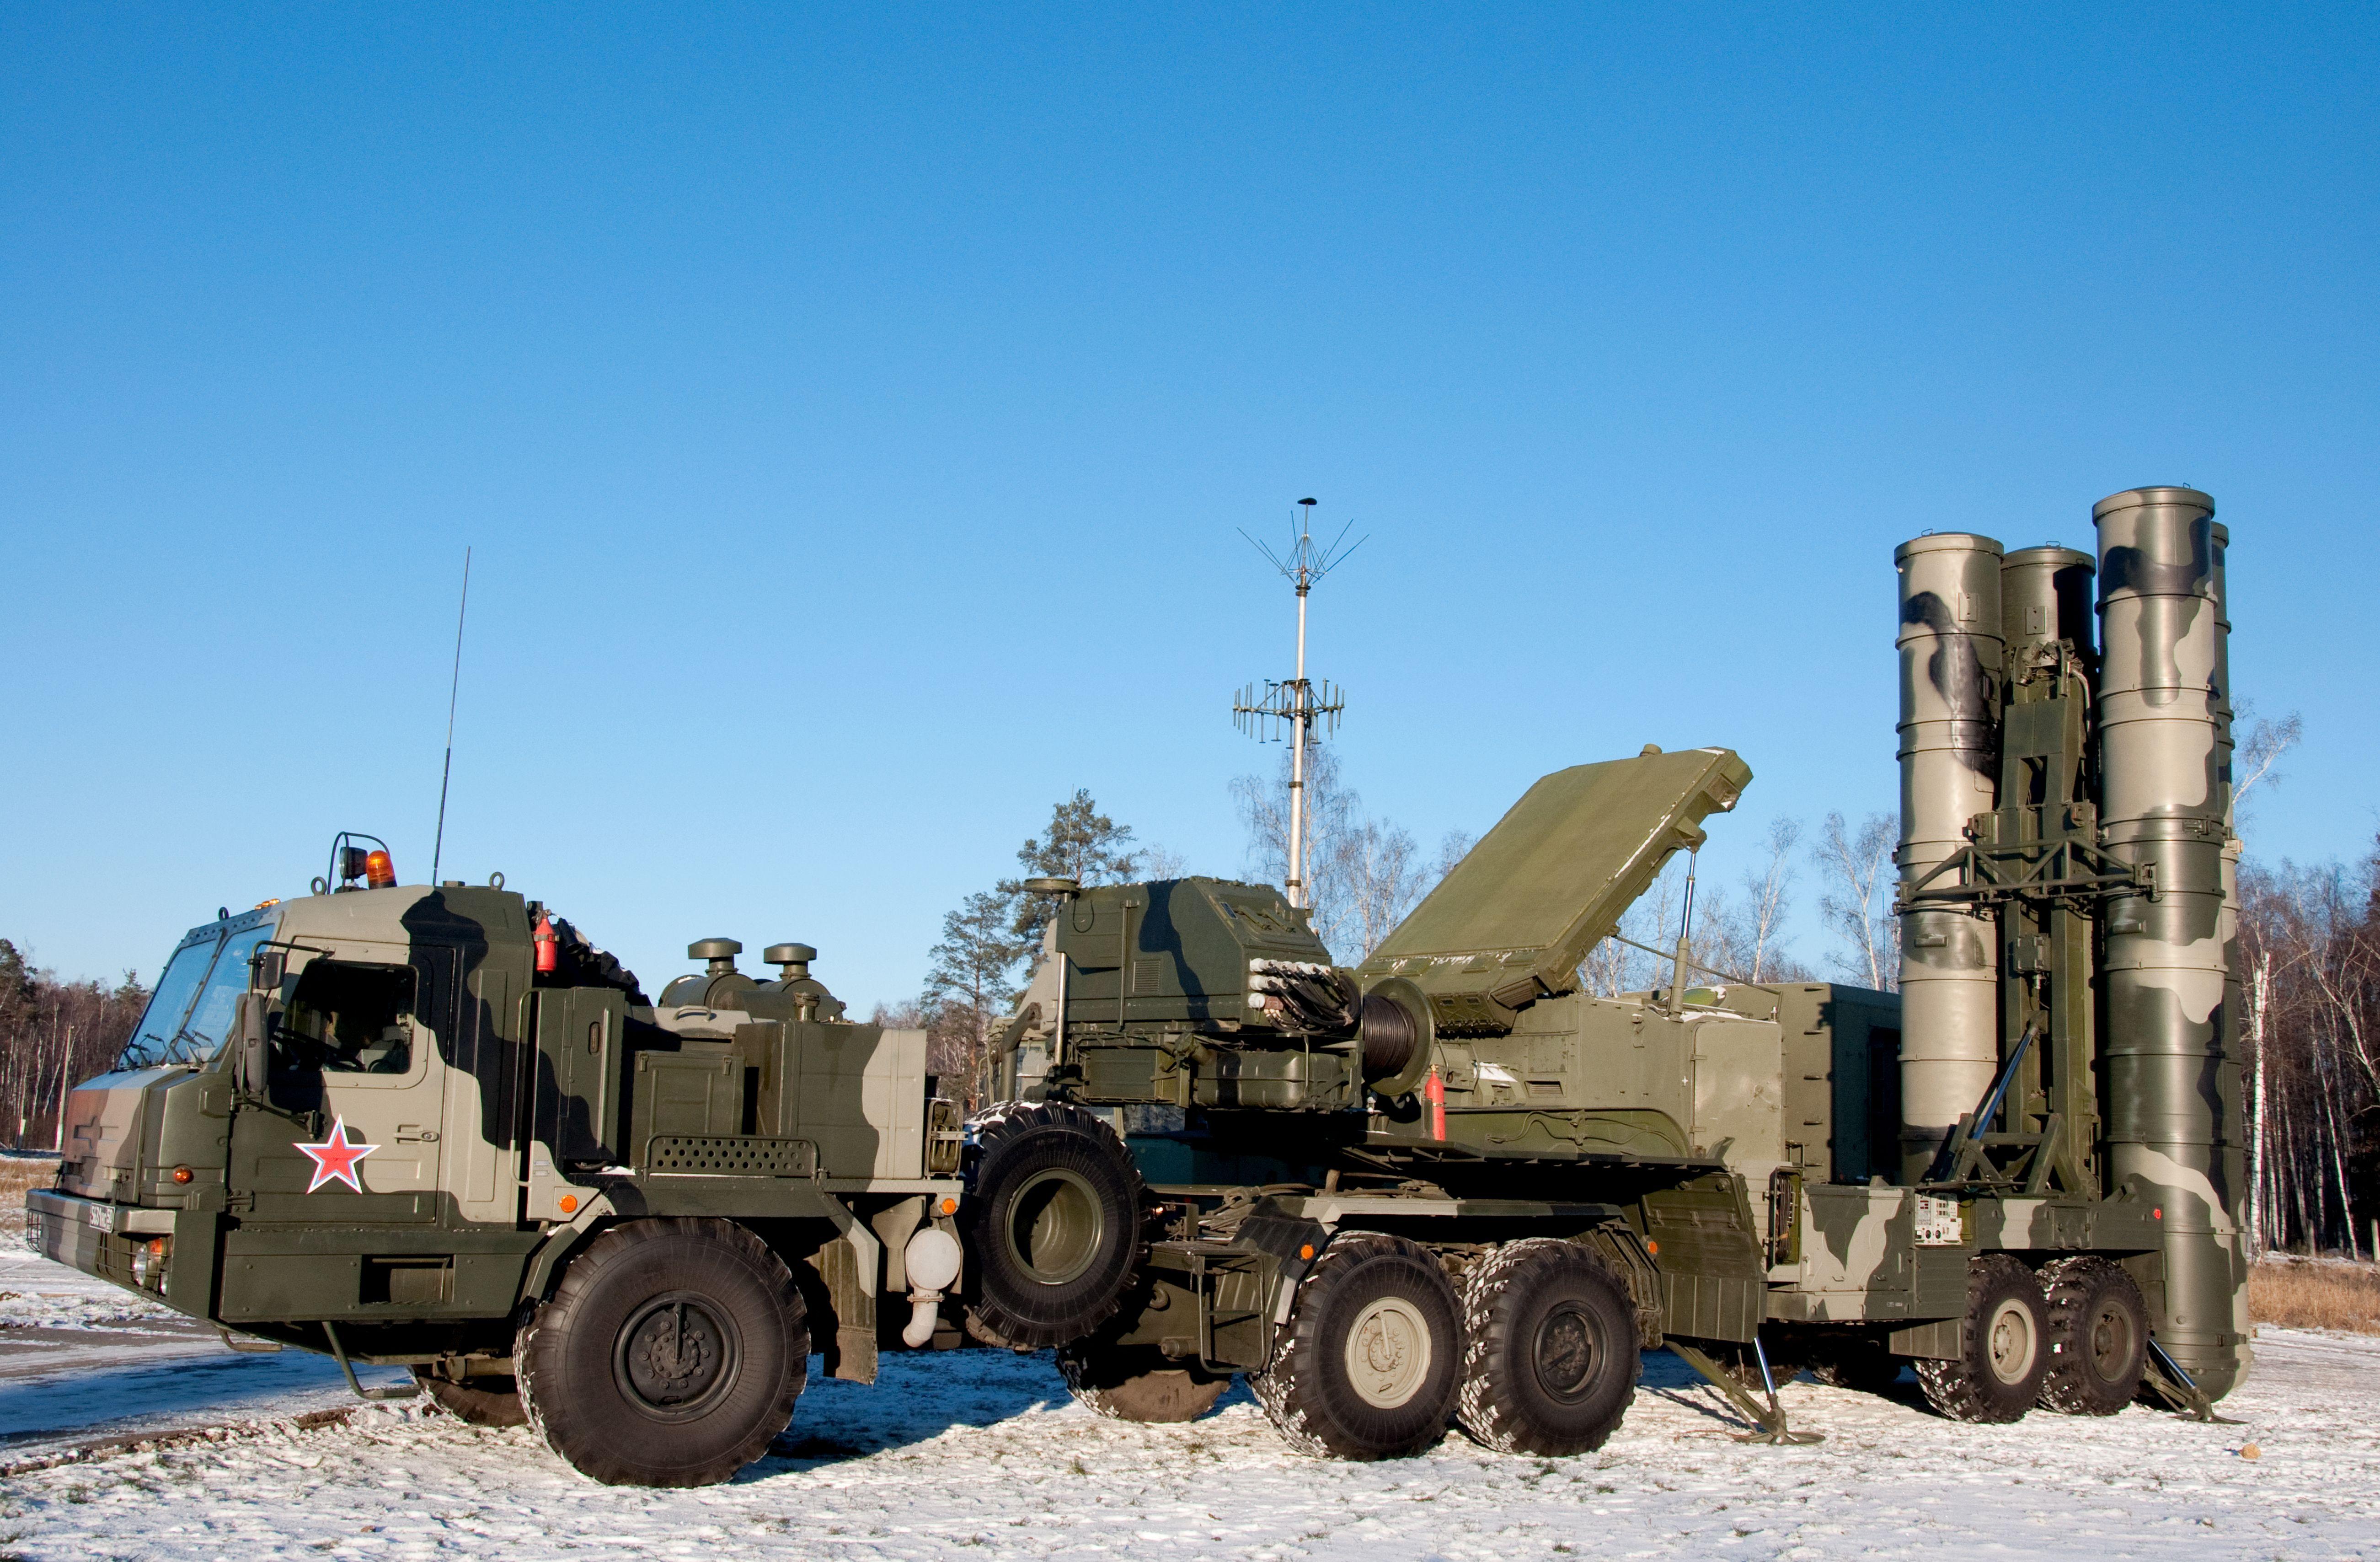 Και τέταρτο σύνταγμα πυραυλικών συστημάτων S-400 Triumf κοντά στη Μόσχα